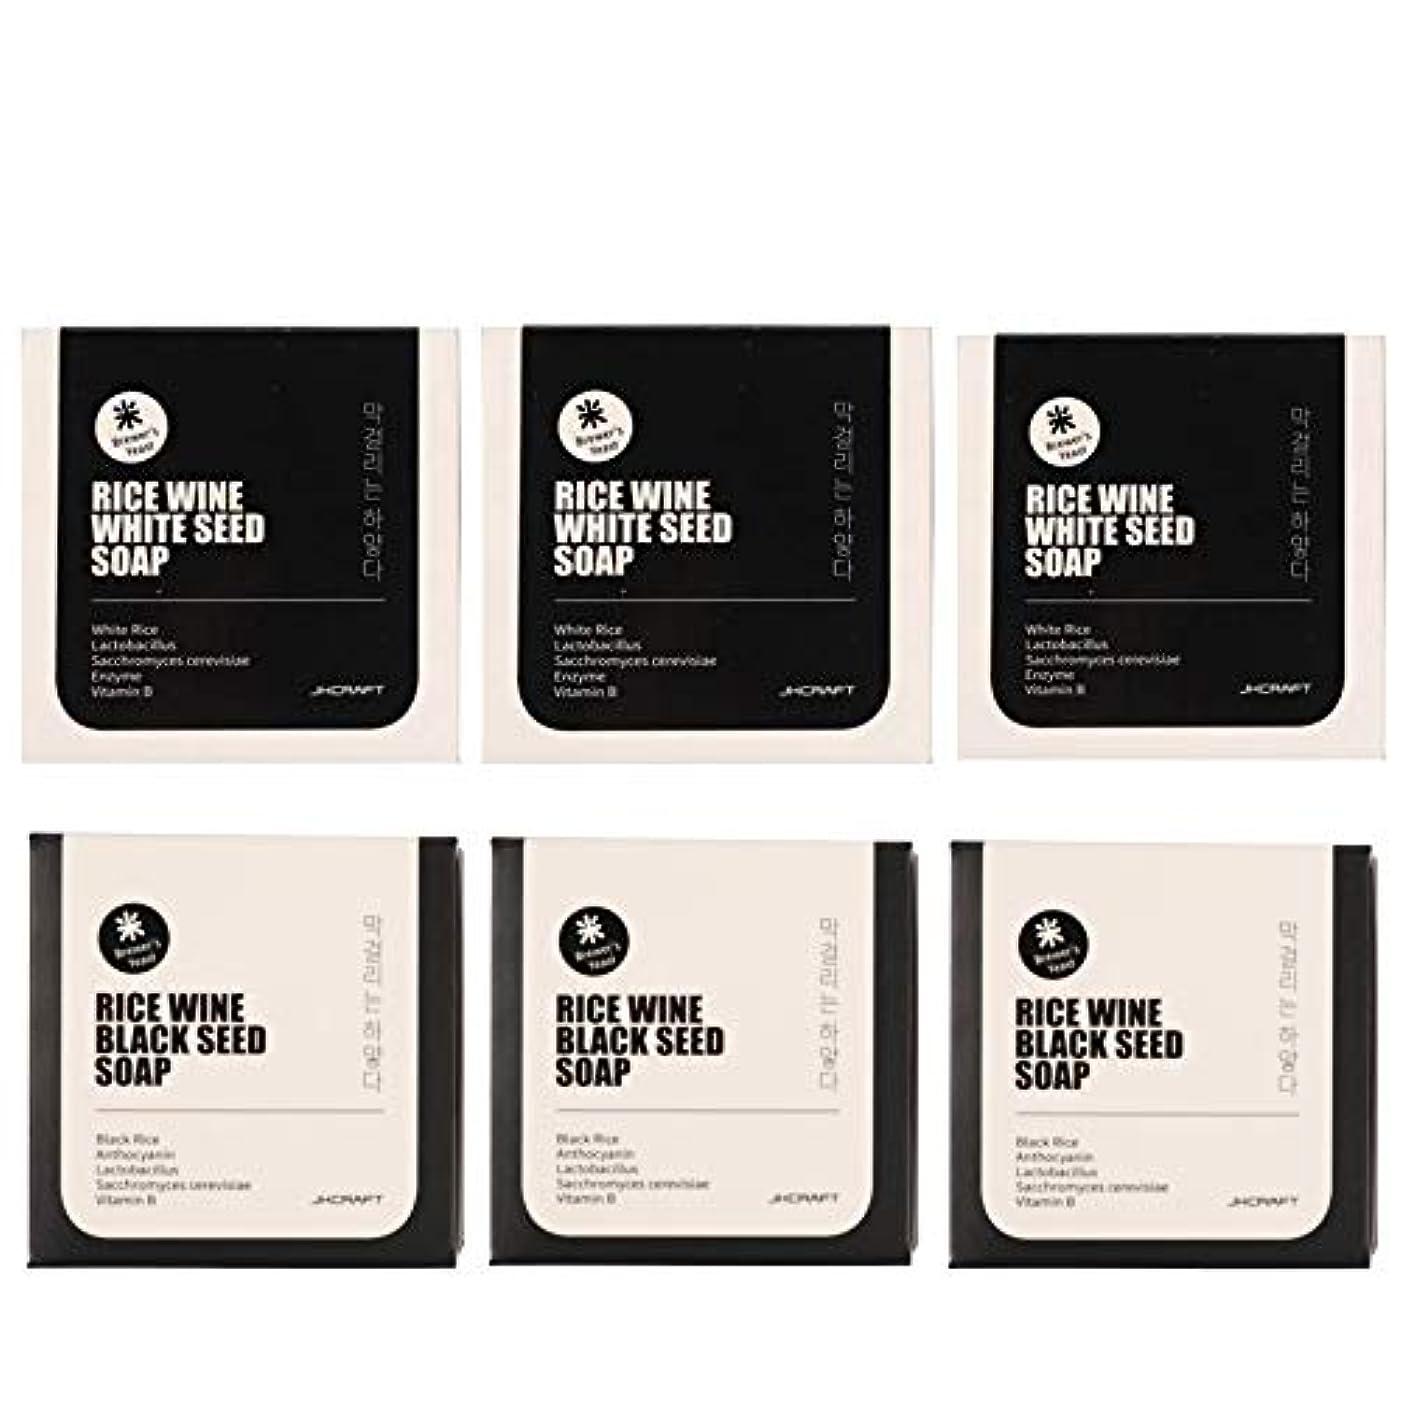 ベンチジェームズダイソンタイトルJKCRAFT RICEWINE WHITE&BLACK SEED SOAP マッコリ酵母石鹸 & 黒米マッコリ酵母石鹸無添加,無刺激,天然洗顔石鹸 6pcs [並行輸入品]